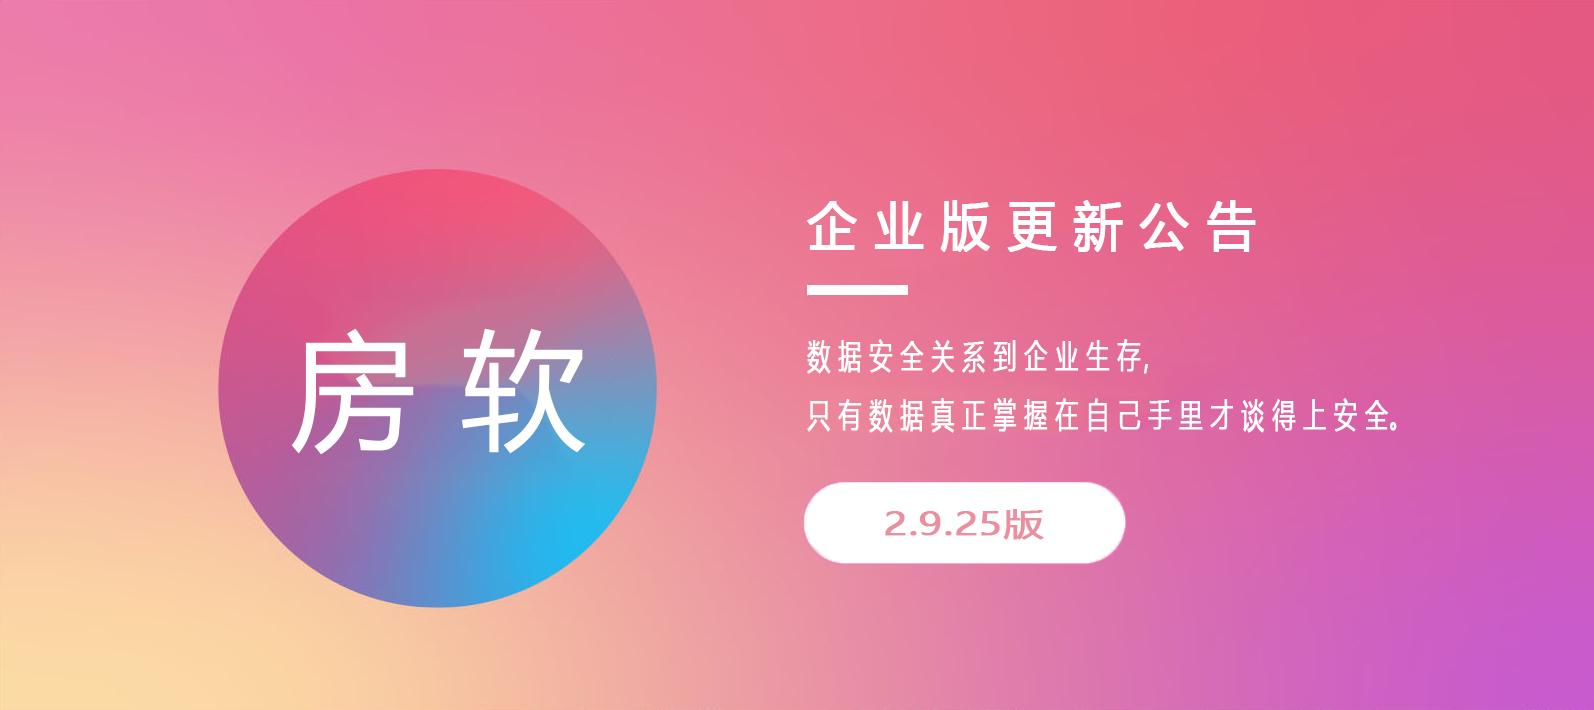 房软(企业版)2.9.25更新公告